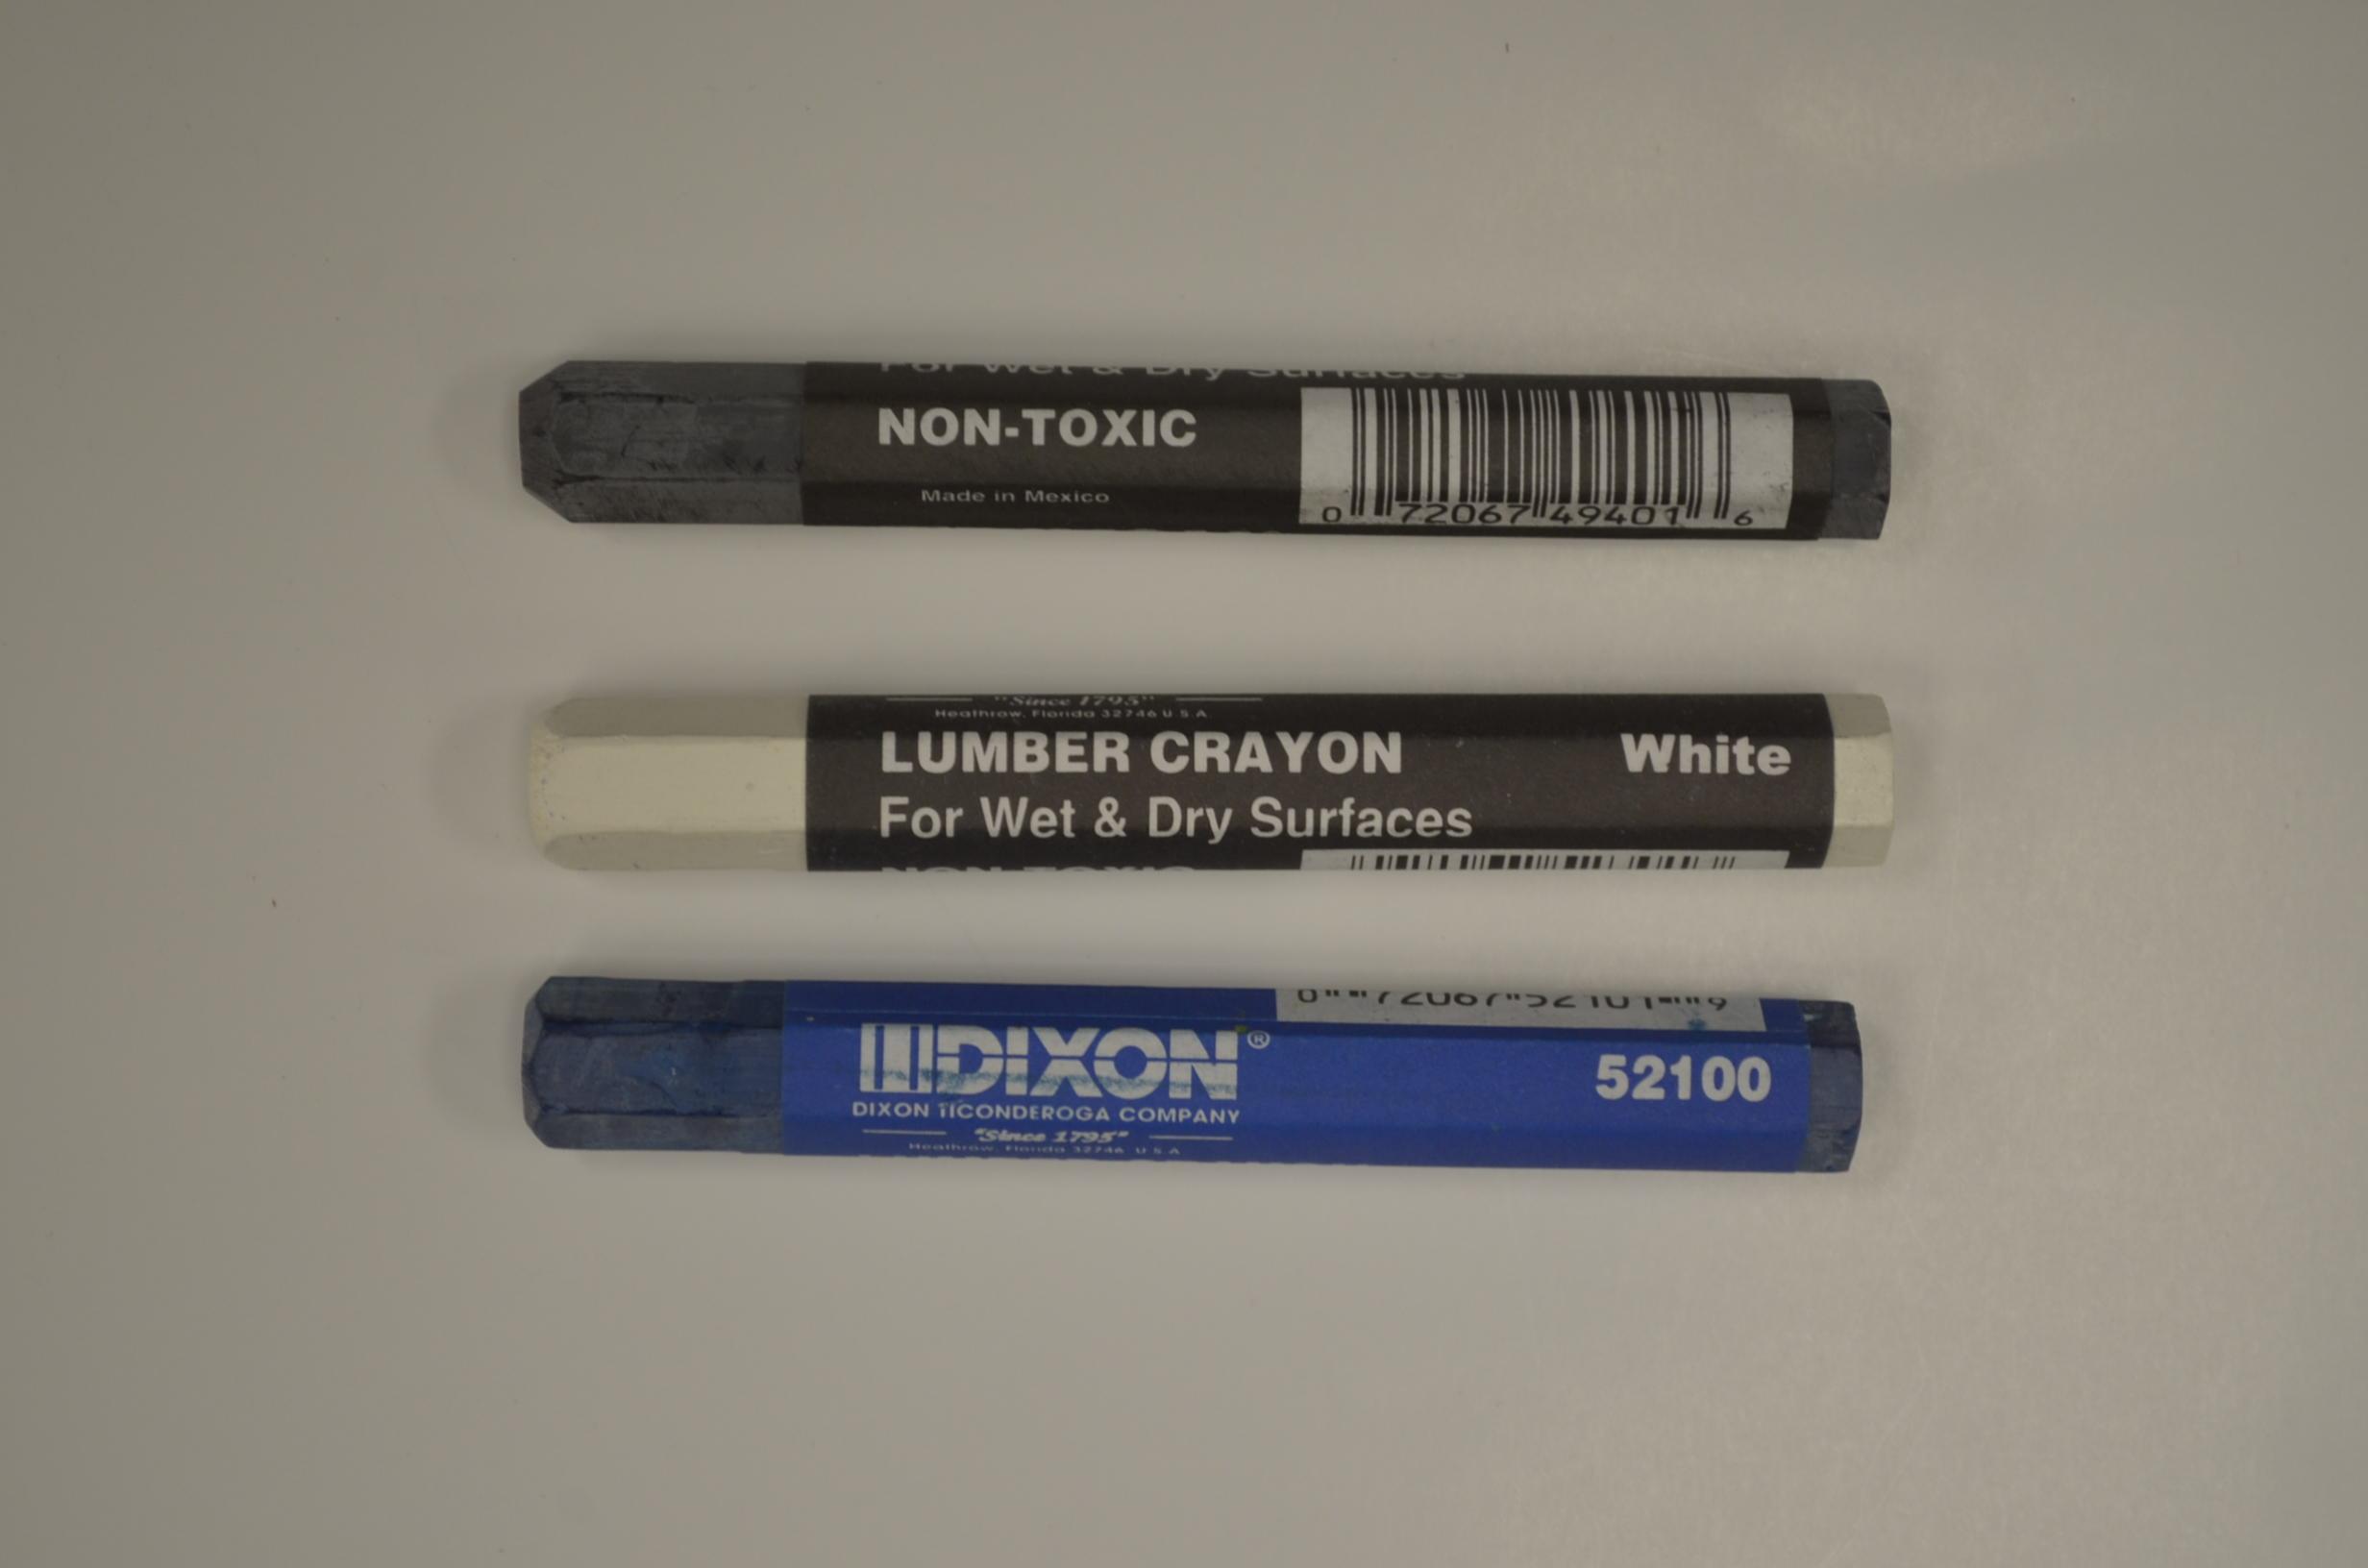 Dixon Lumber Crayon